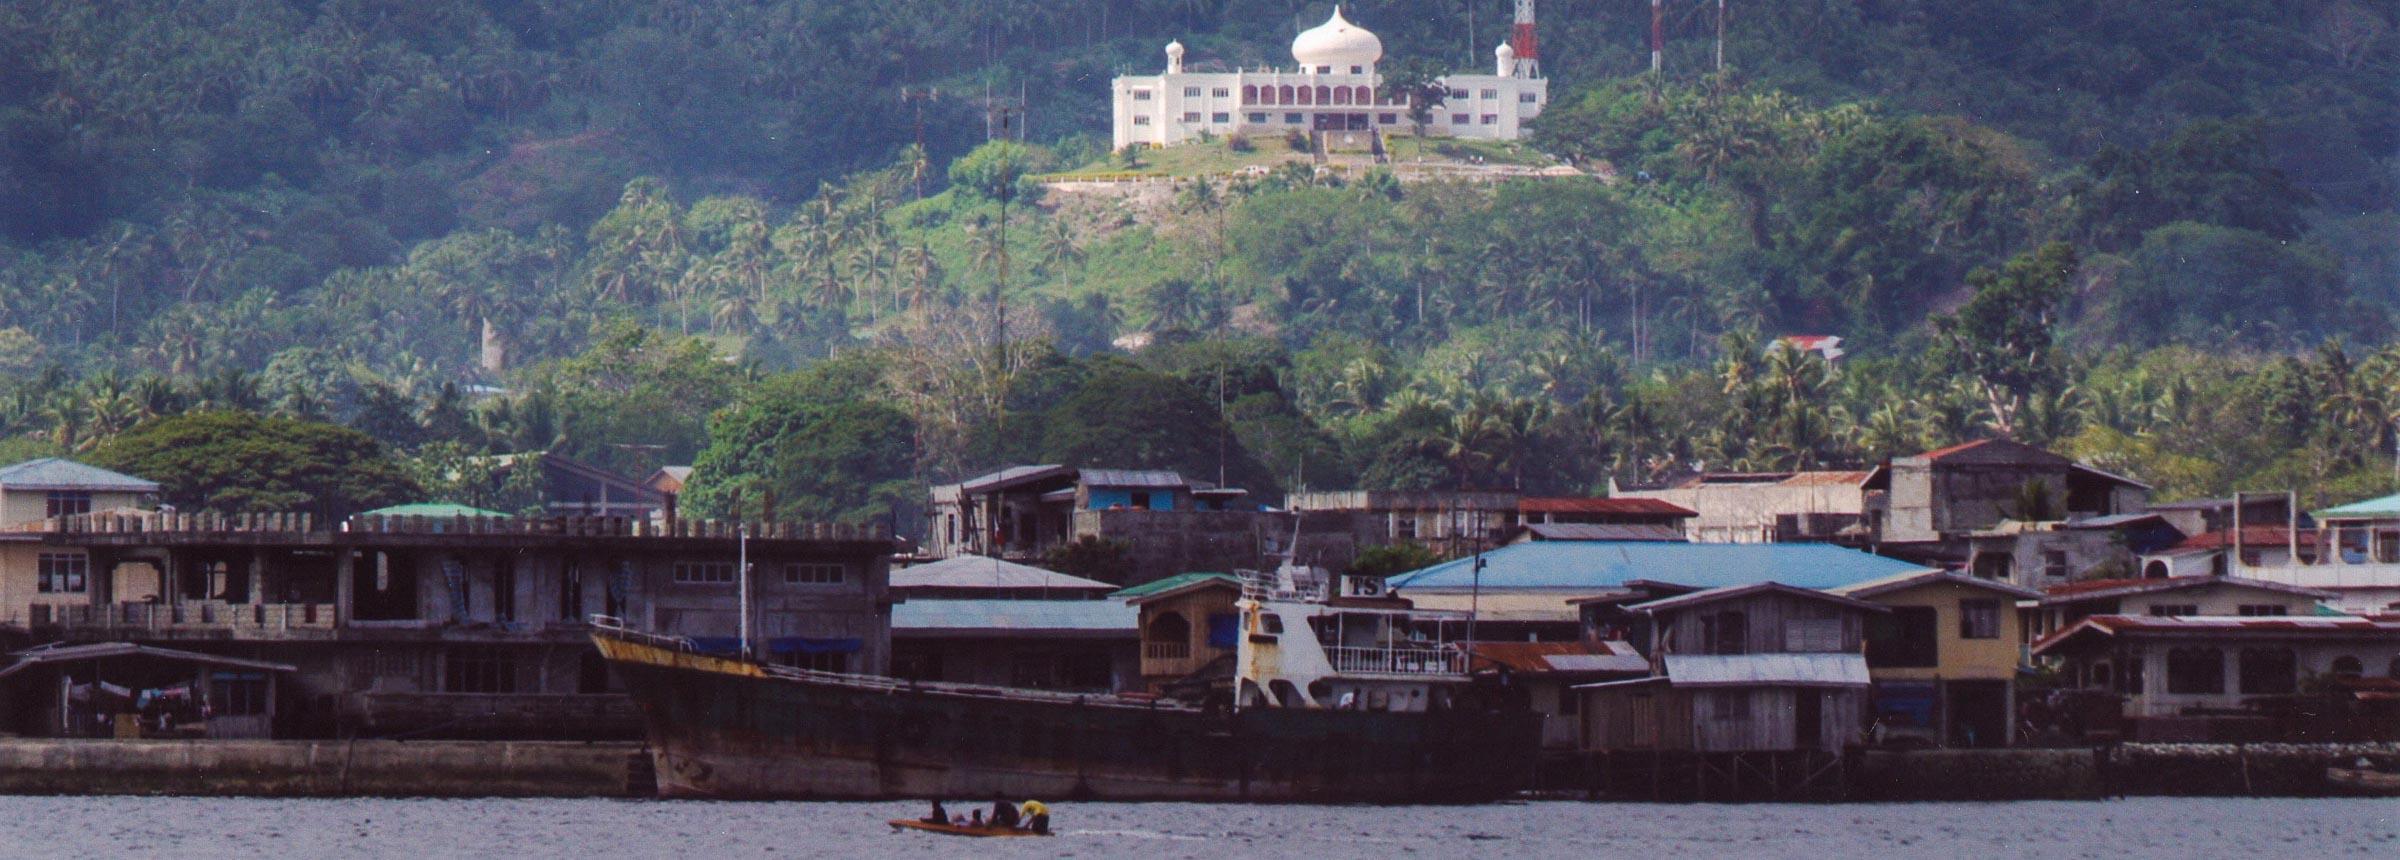 Philippines harbor